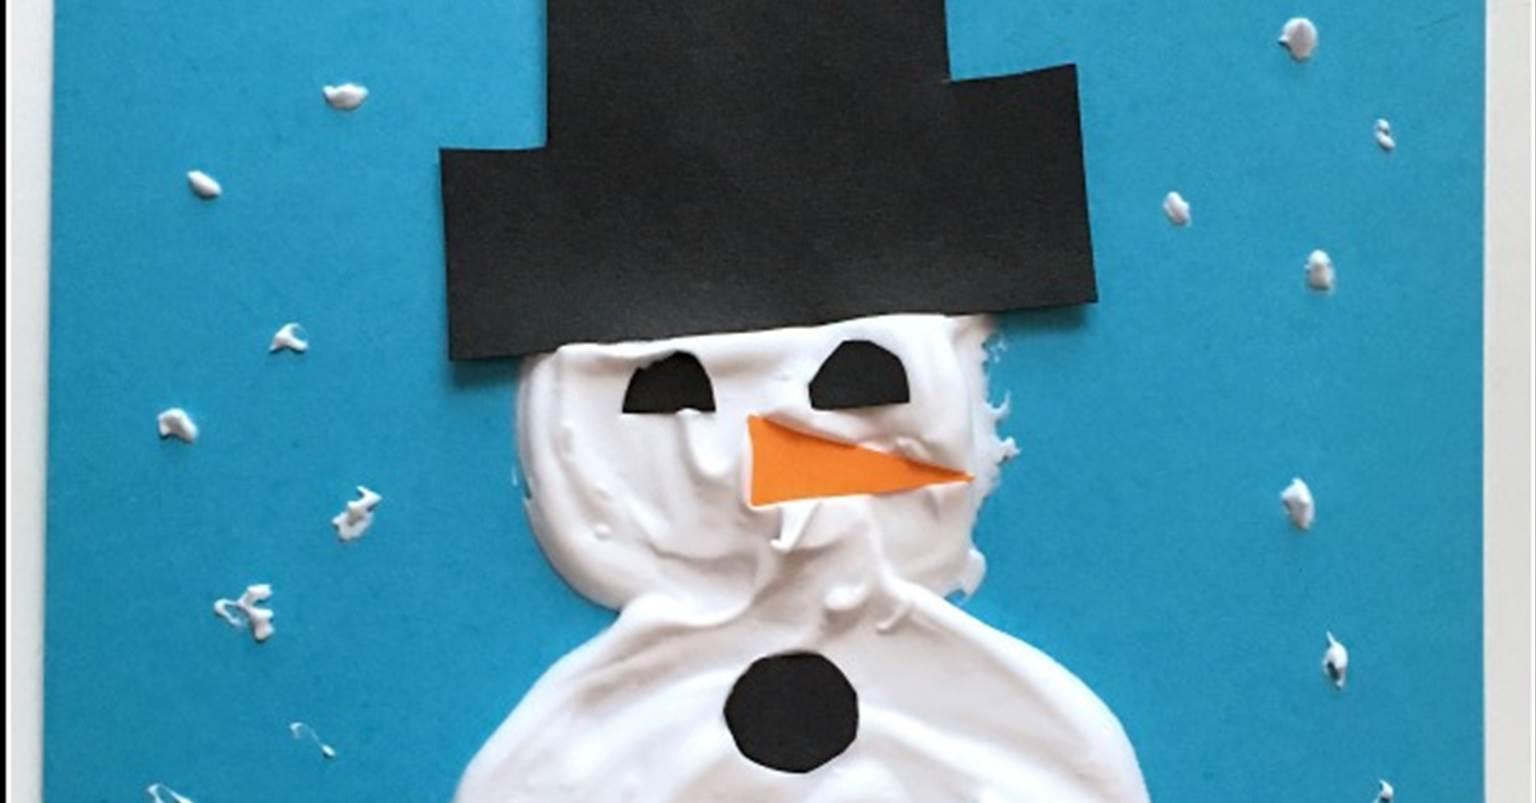 Paper plate sun craft summer craft for kids paper plate apple craft snowman portraits winter snowman craft for kids jeuxipadfo Gallery